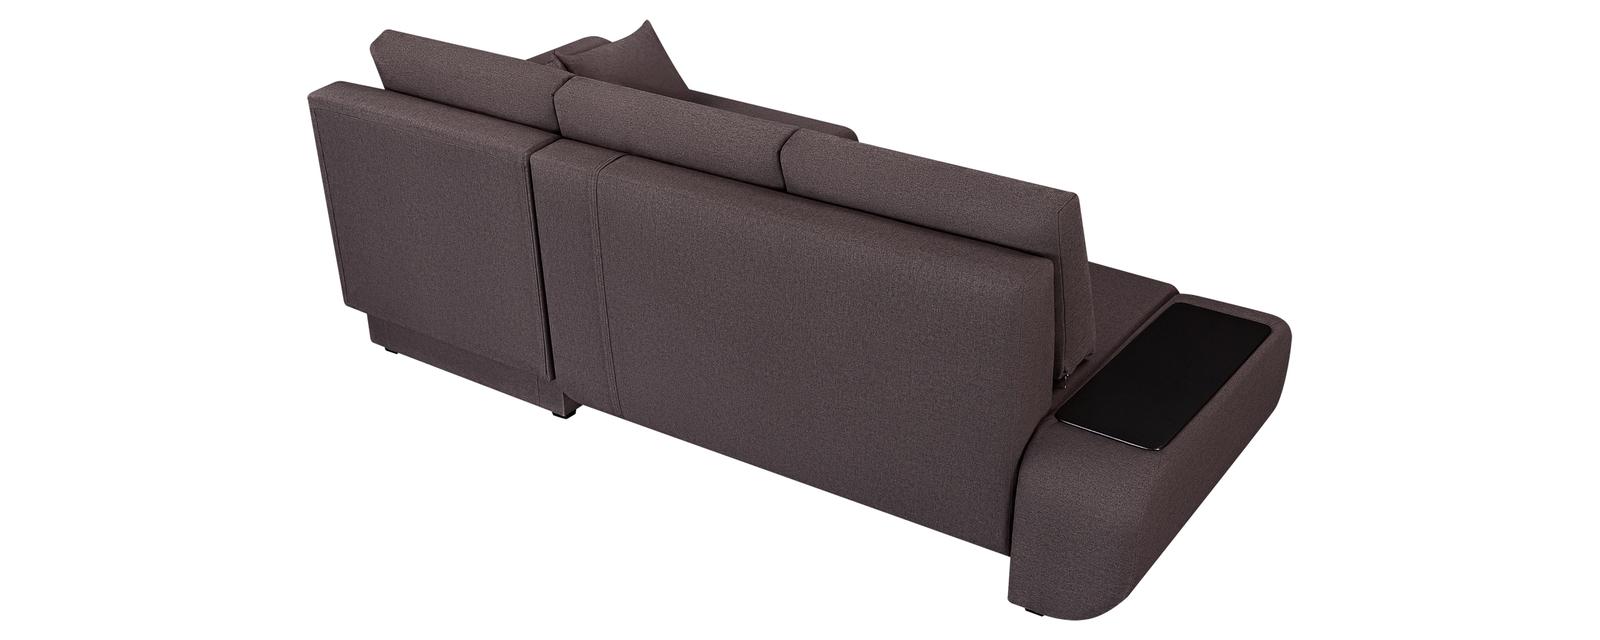 Диван тканевый угловой Нью-Йорк Concept тёмно-коричневый (Рогожка)